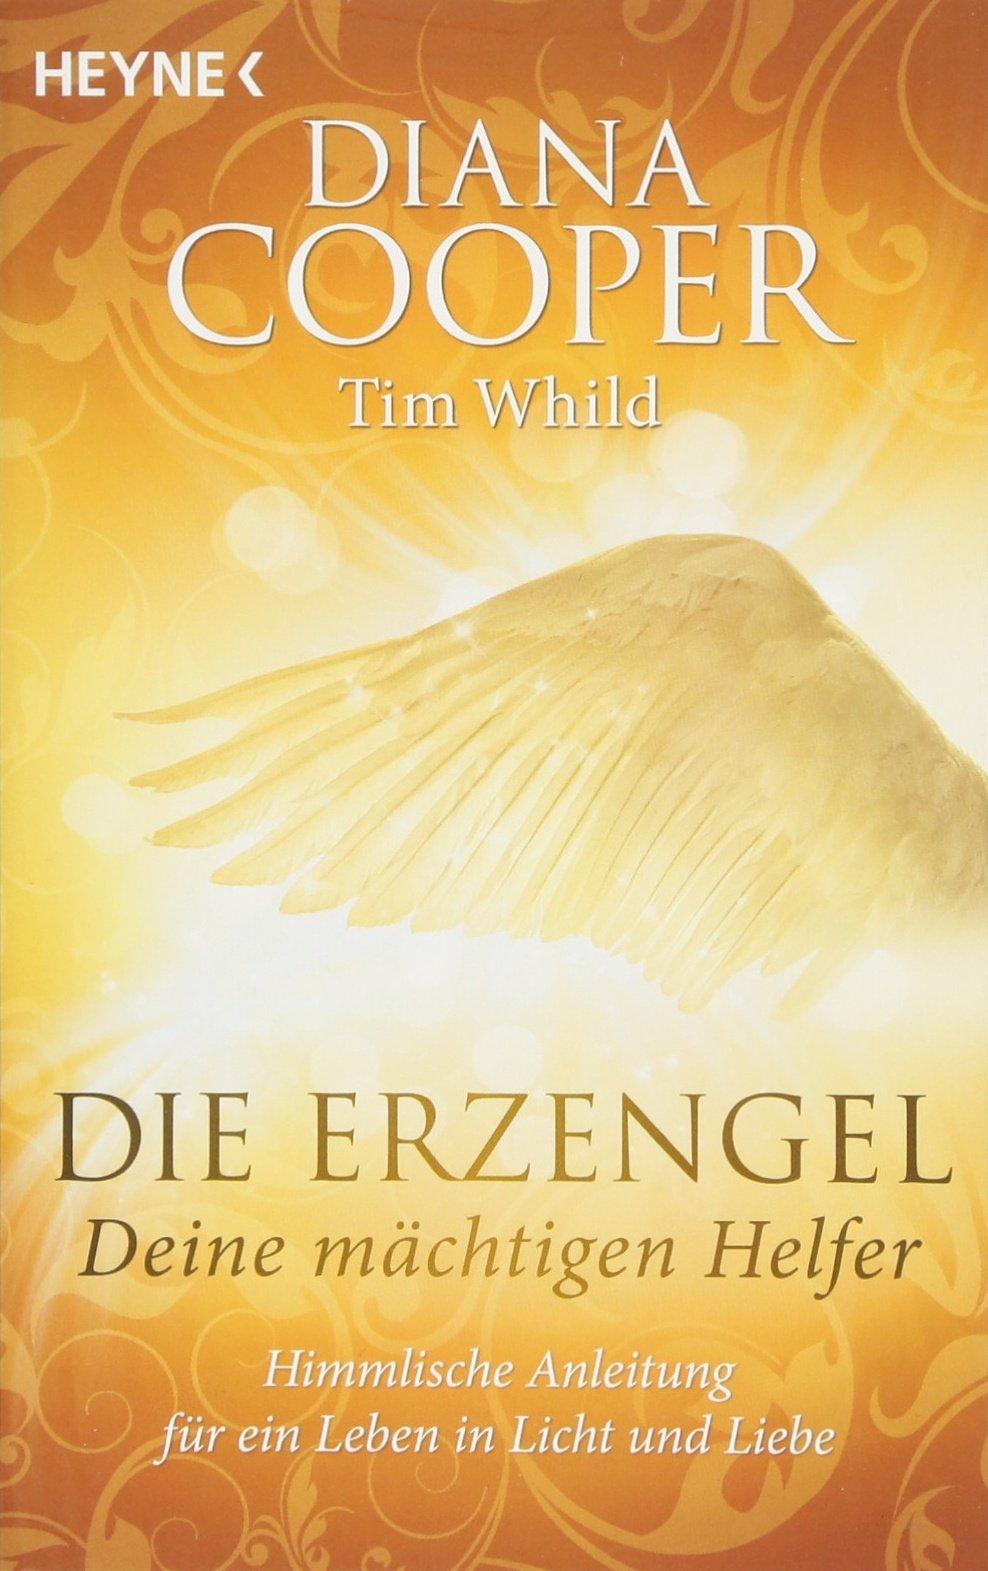 Die Erzengel - deine mächtigen Helfer: Himmlische Anleitung für ein Leben in Licht und Liebe